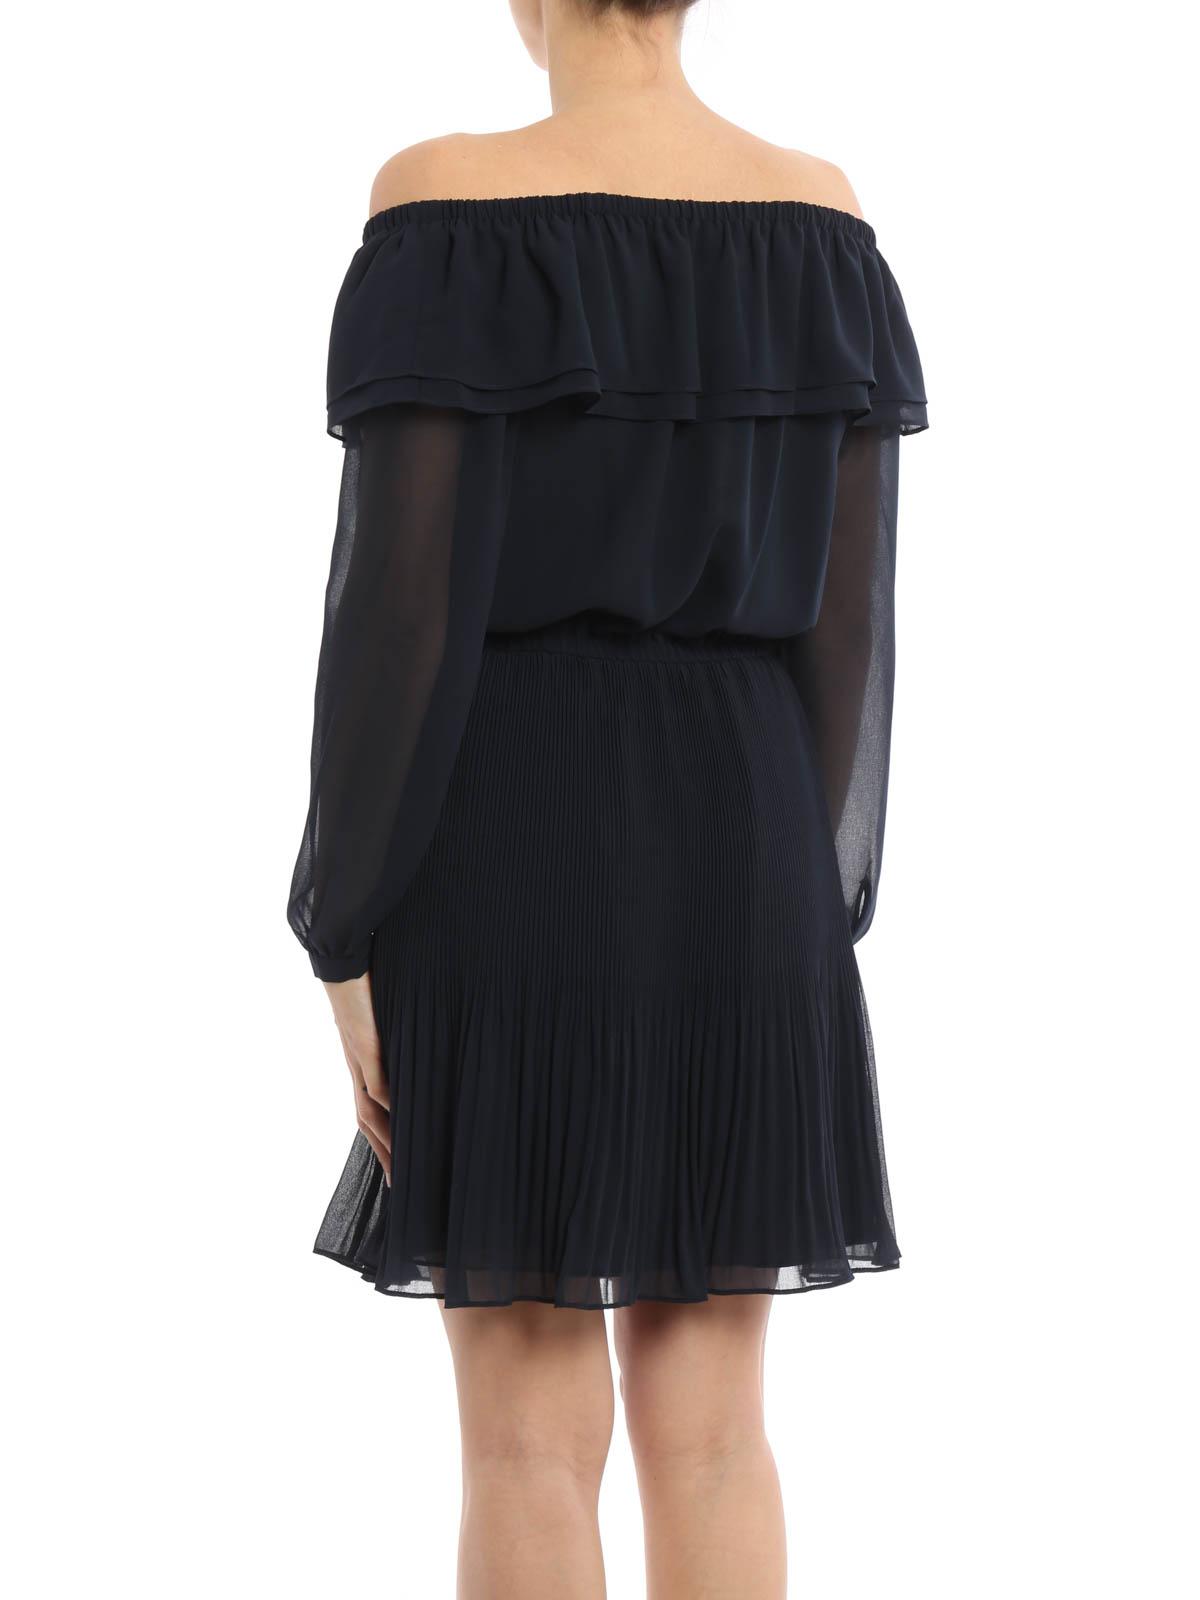 57ad02c7f iKRIX MICHAEL KORS  Vestidos cortos - Vestido Corto Azul Oscuro